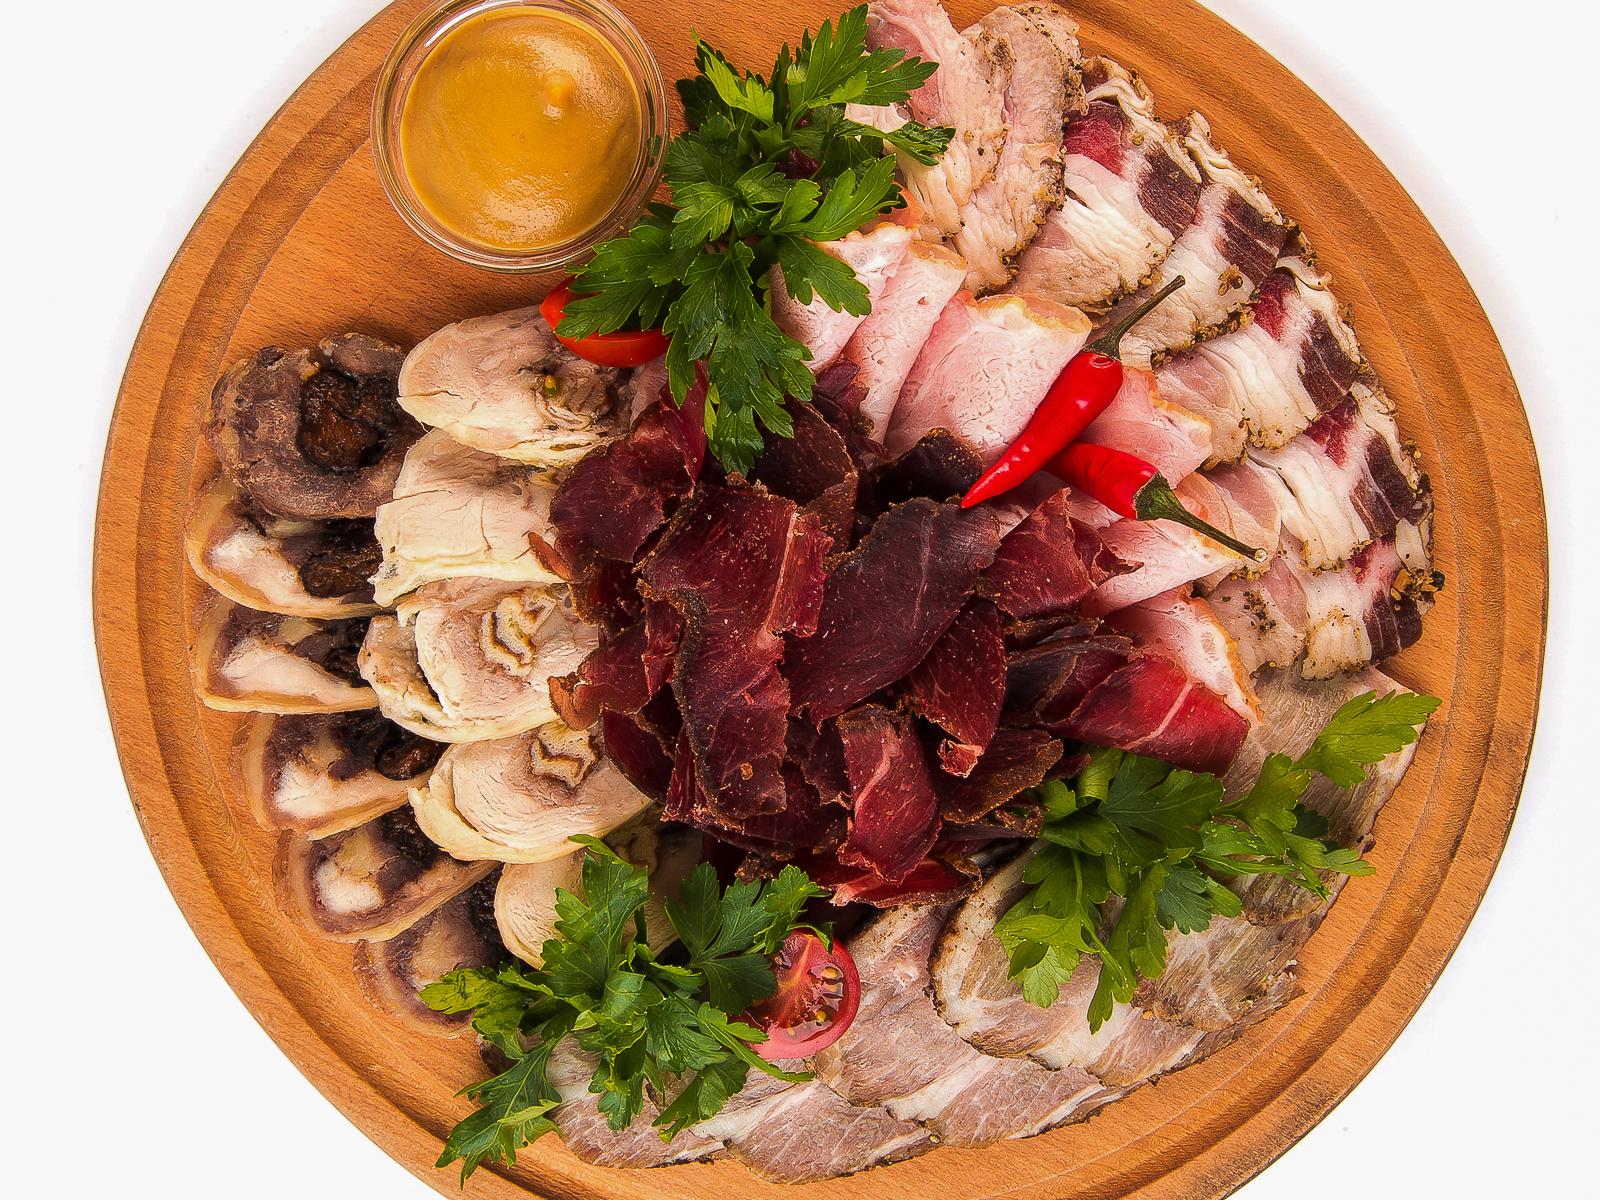 Плато с мясными деликатесами